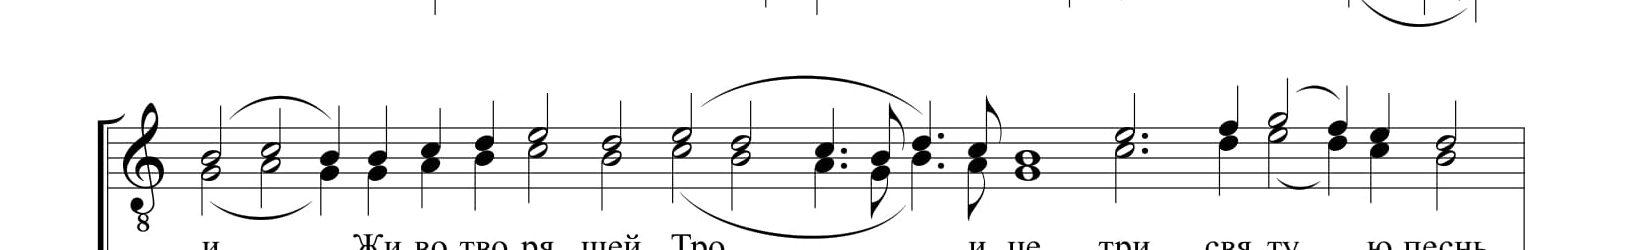 Херувимская песнь соловецкого напева